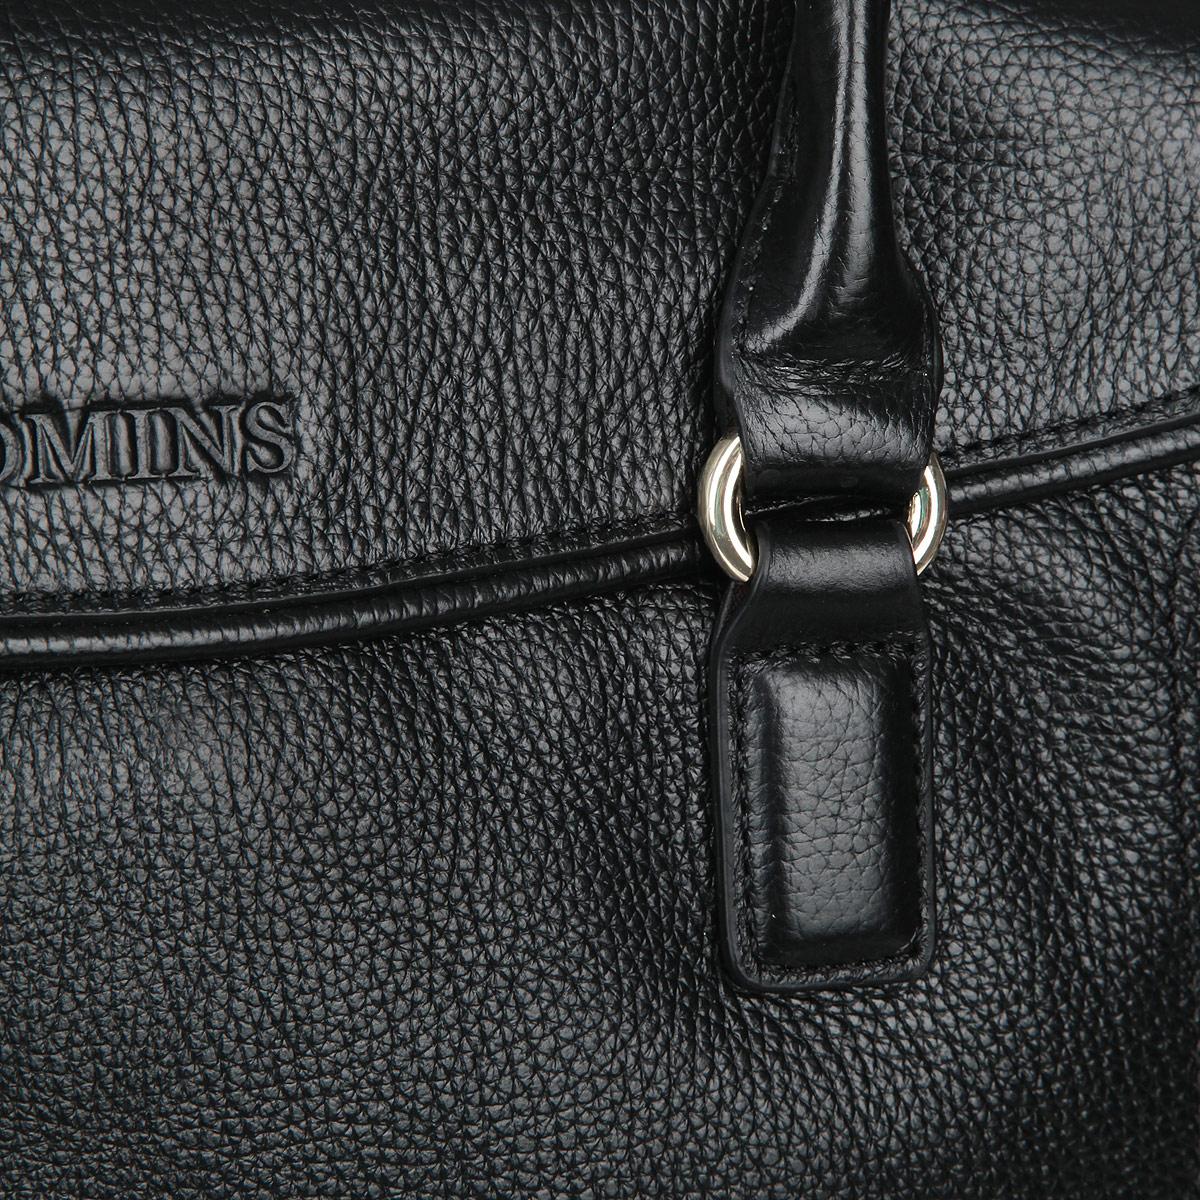 Сумка женская Edmins, цвет: черный. 4009143 ED ( 4009143 ED )